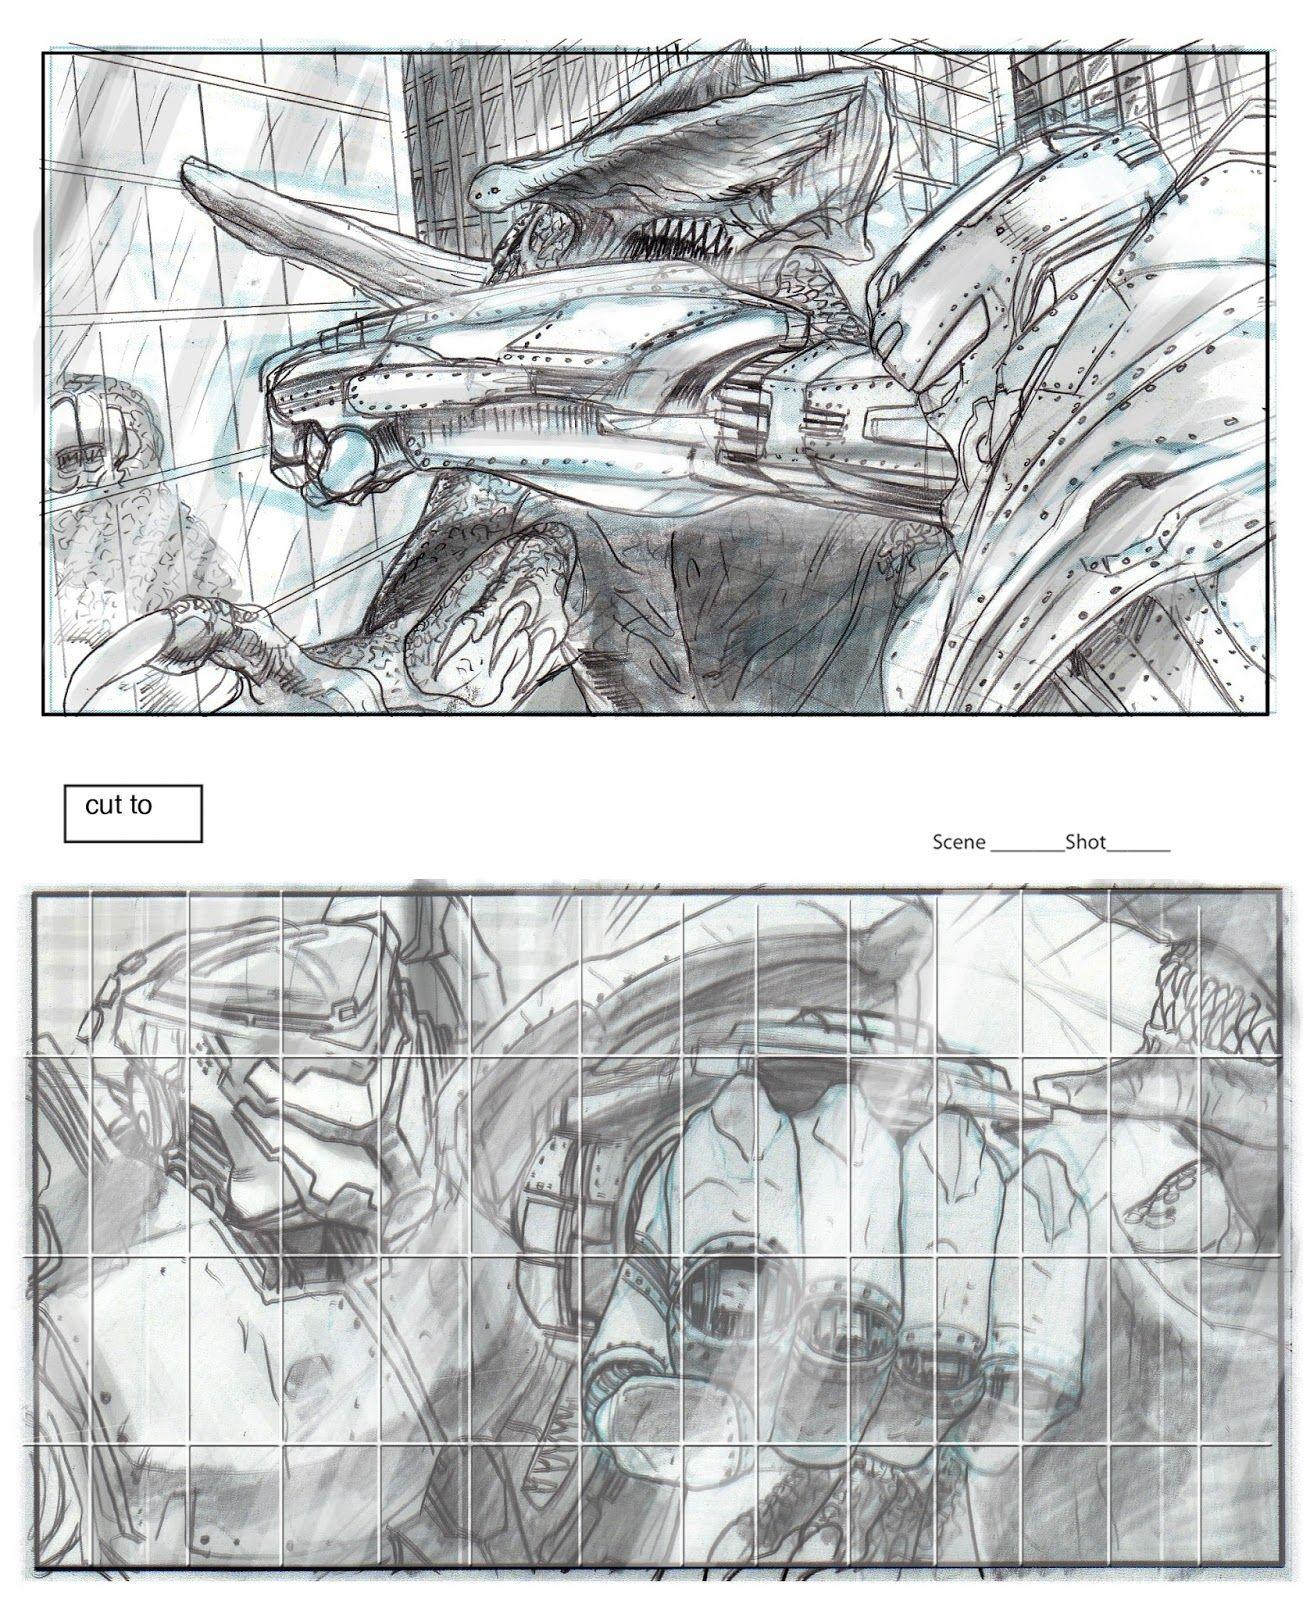 Pacific Rim Storyboard by Rob McCallum | Titanes del pacifico, La costa del pacífico, Dibujos